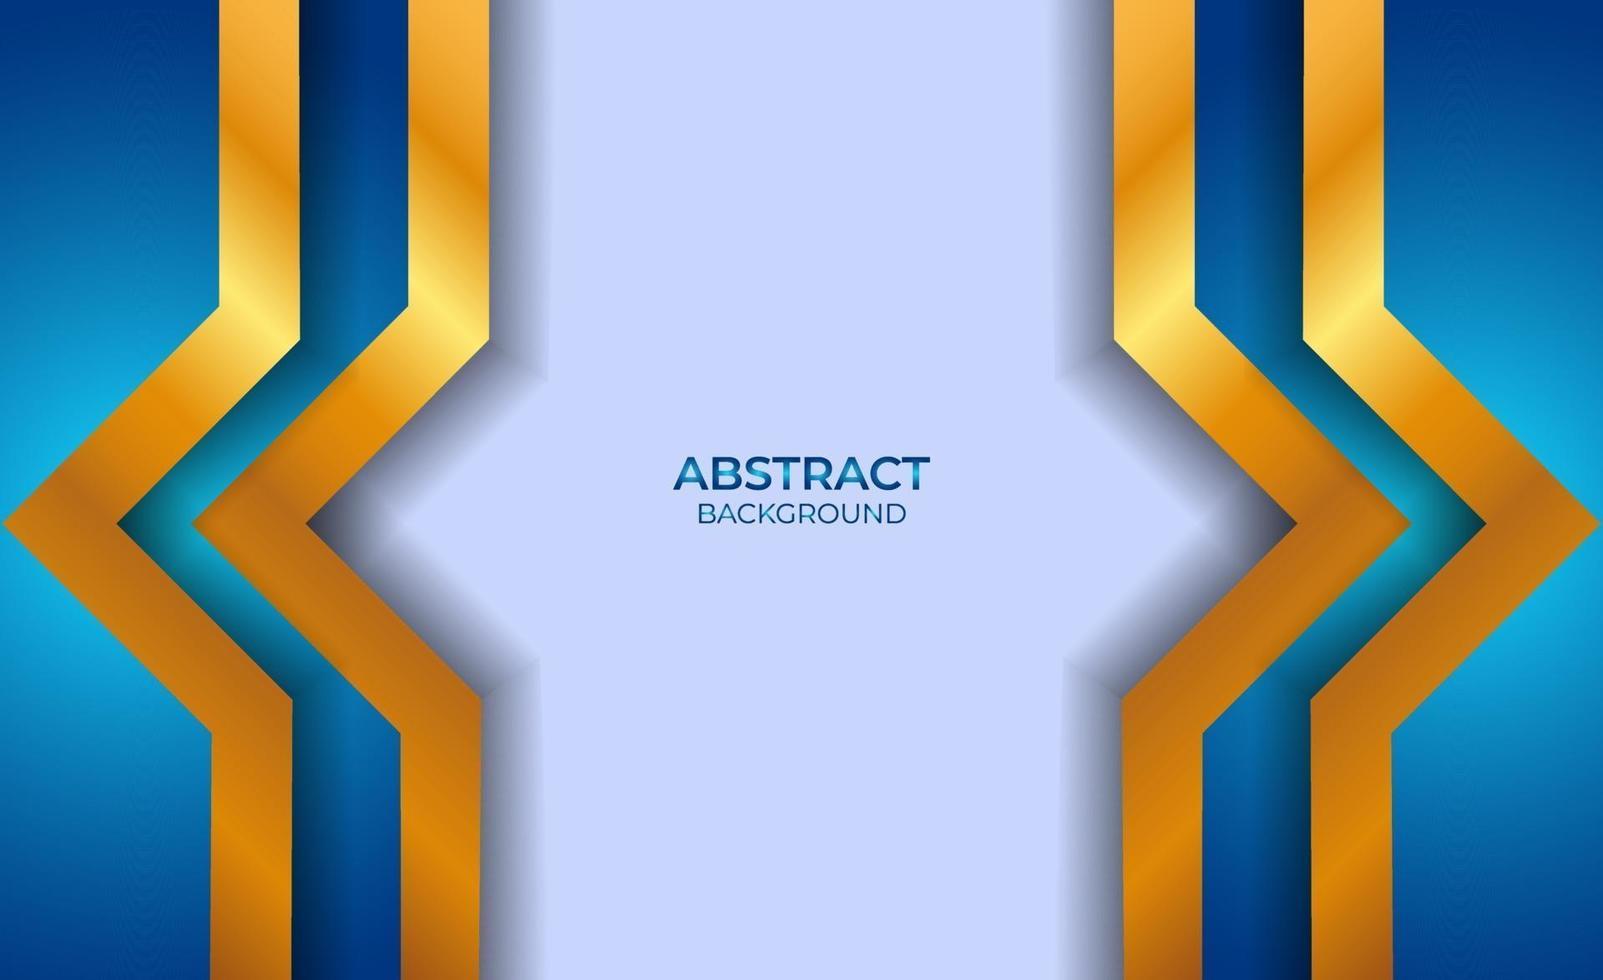 conception abstraite bleu et or vecteur